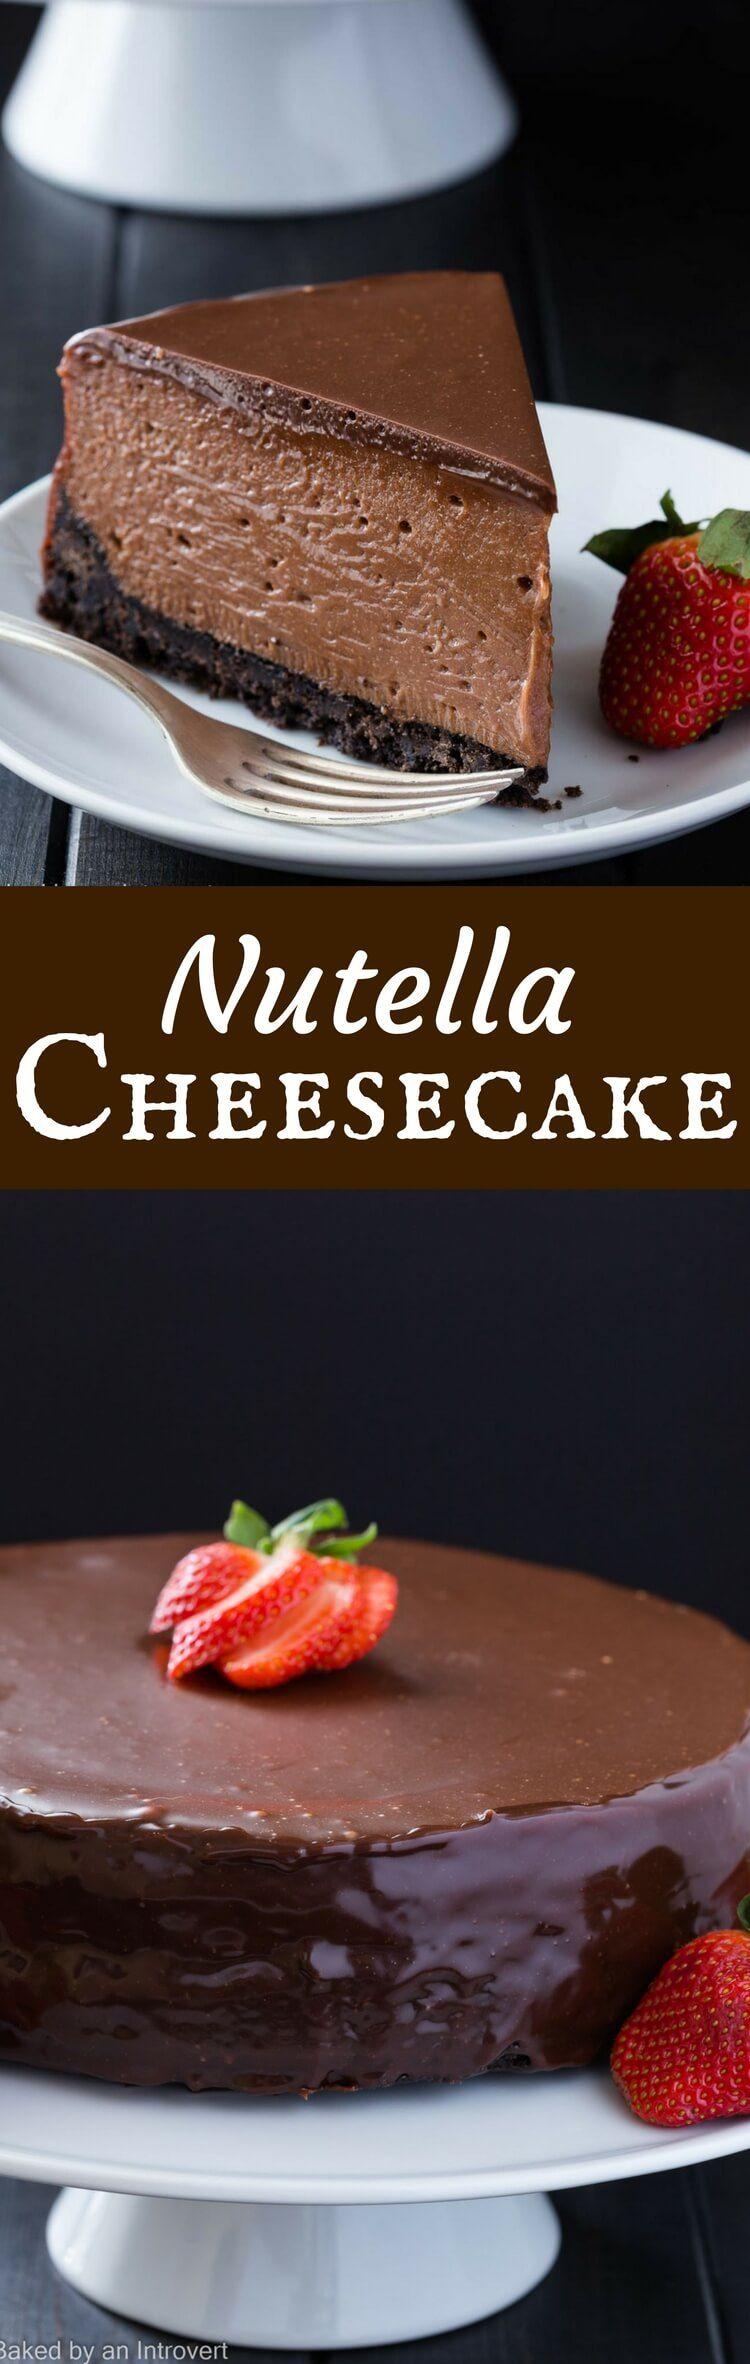 Nutella Cheesecake, sólo háganlo sin preguntar por las calorías, vale la pena! | https://lomejordelaweb.